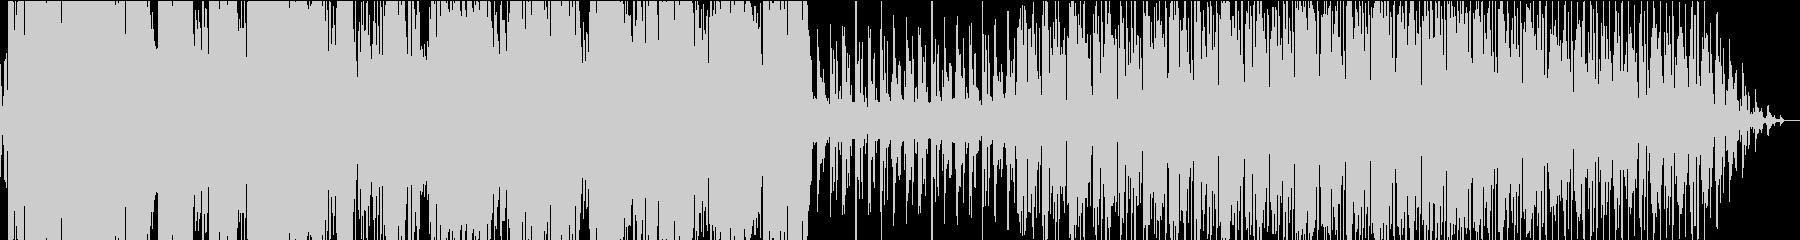 サンバ。の未再生の波形